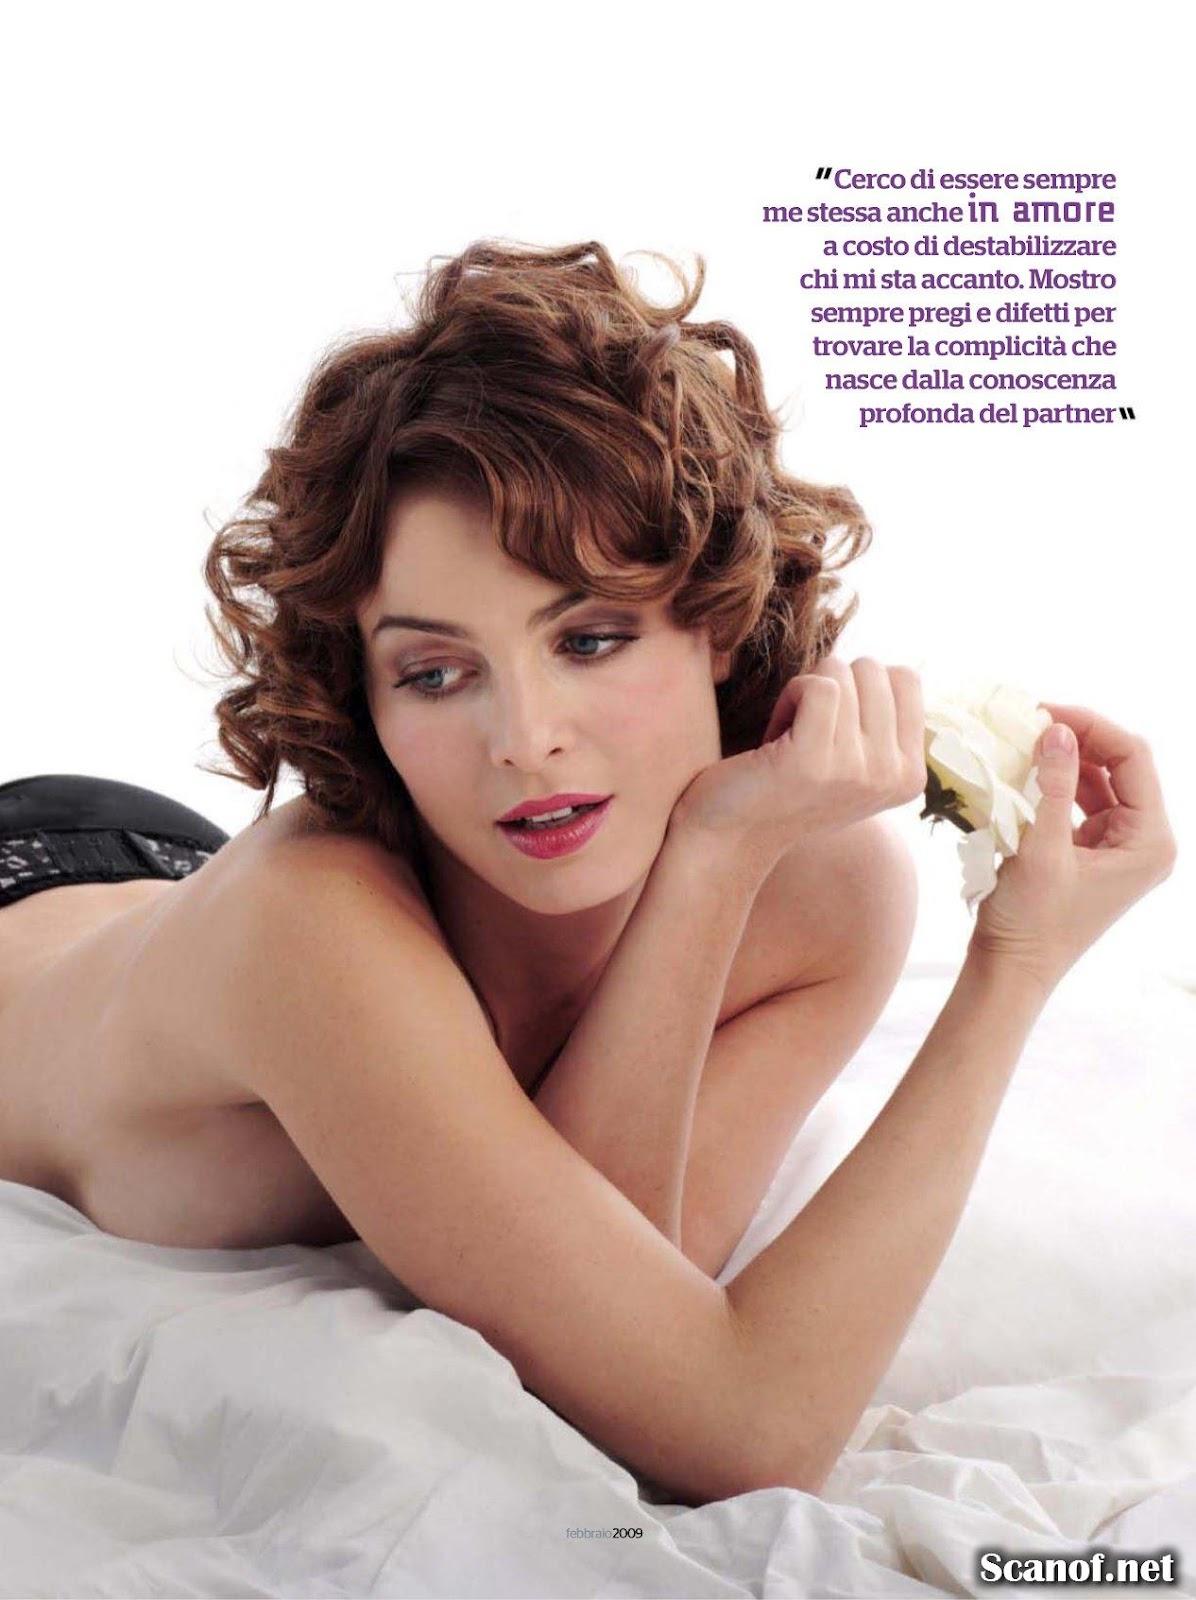 http://4.bp.blogspot.com/-AEsgFPXJ53Y/T-kMoyX_XPI/AAAAAAAAIeo/niYyKhDdhac/s1600/Playboy_2009-02_Italy_Scanof.net_065.jpg